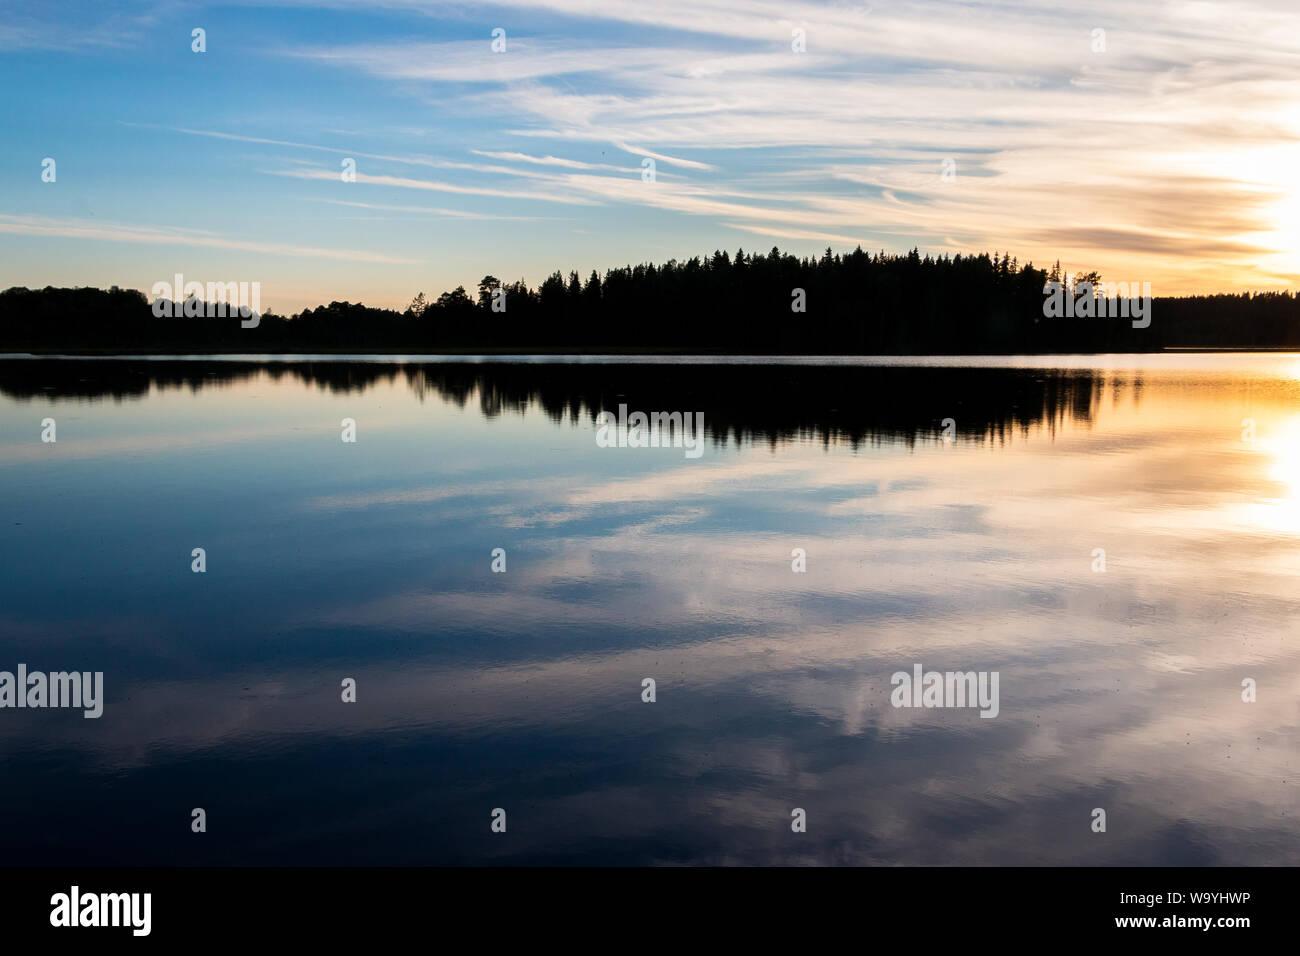 Noche hermosa vista a la hora azul sobre el lago Safssjon en la región Dalarna en el centro de Suecia Foto de stock